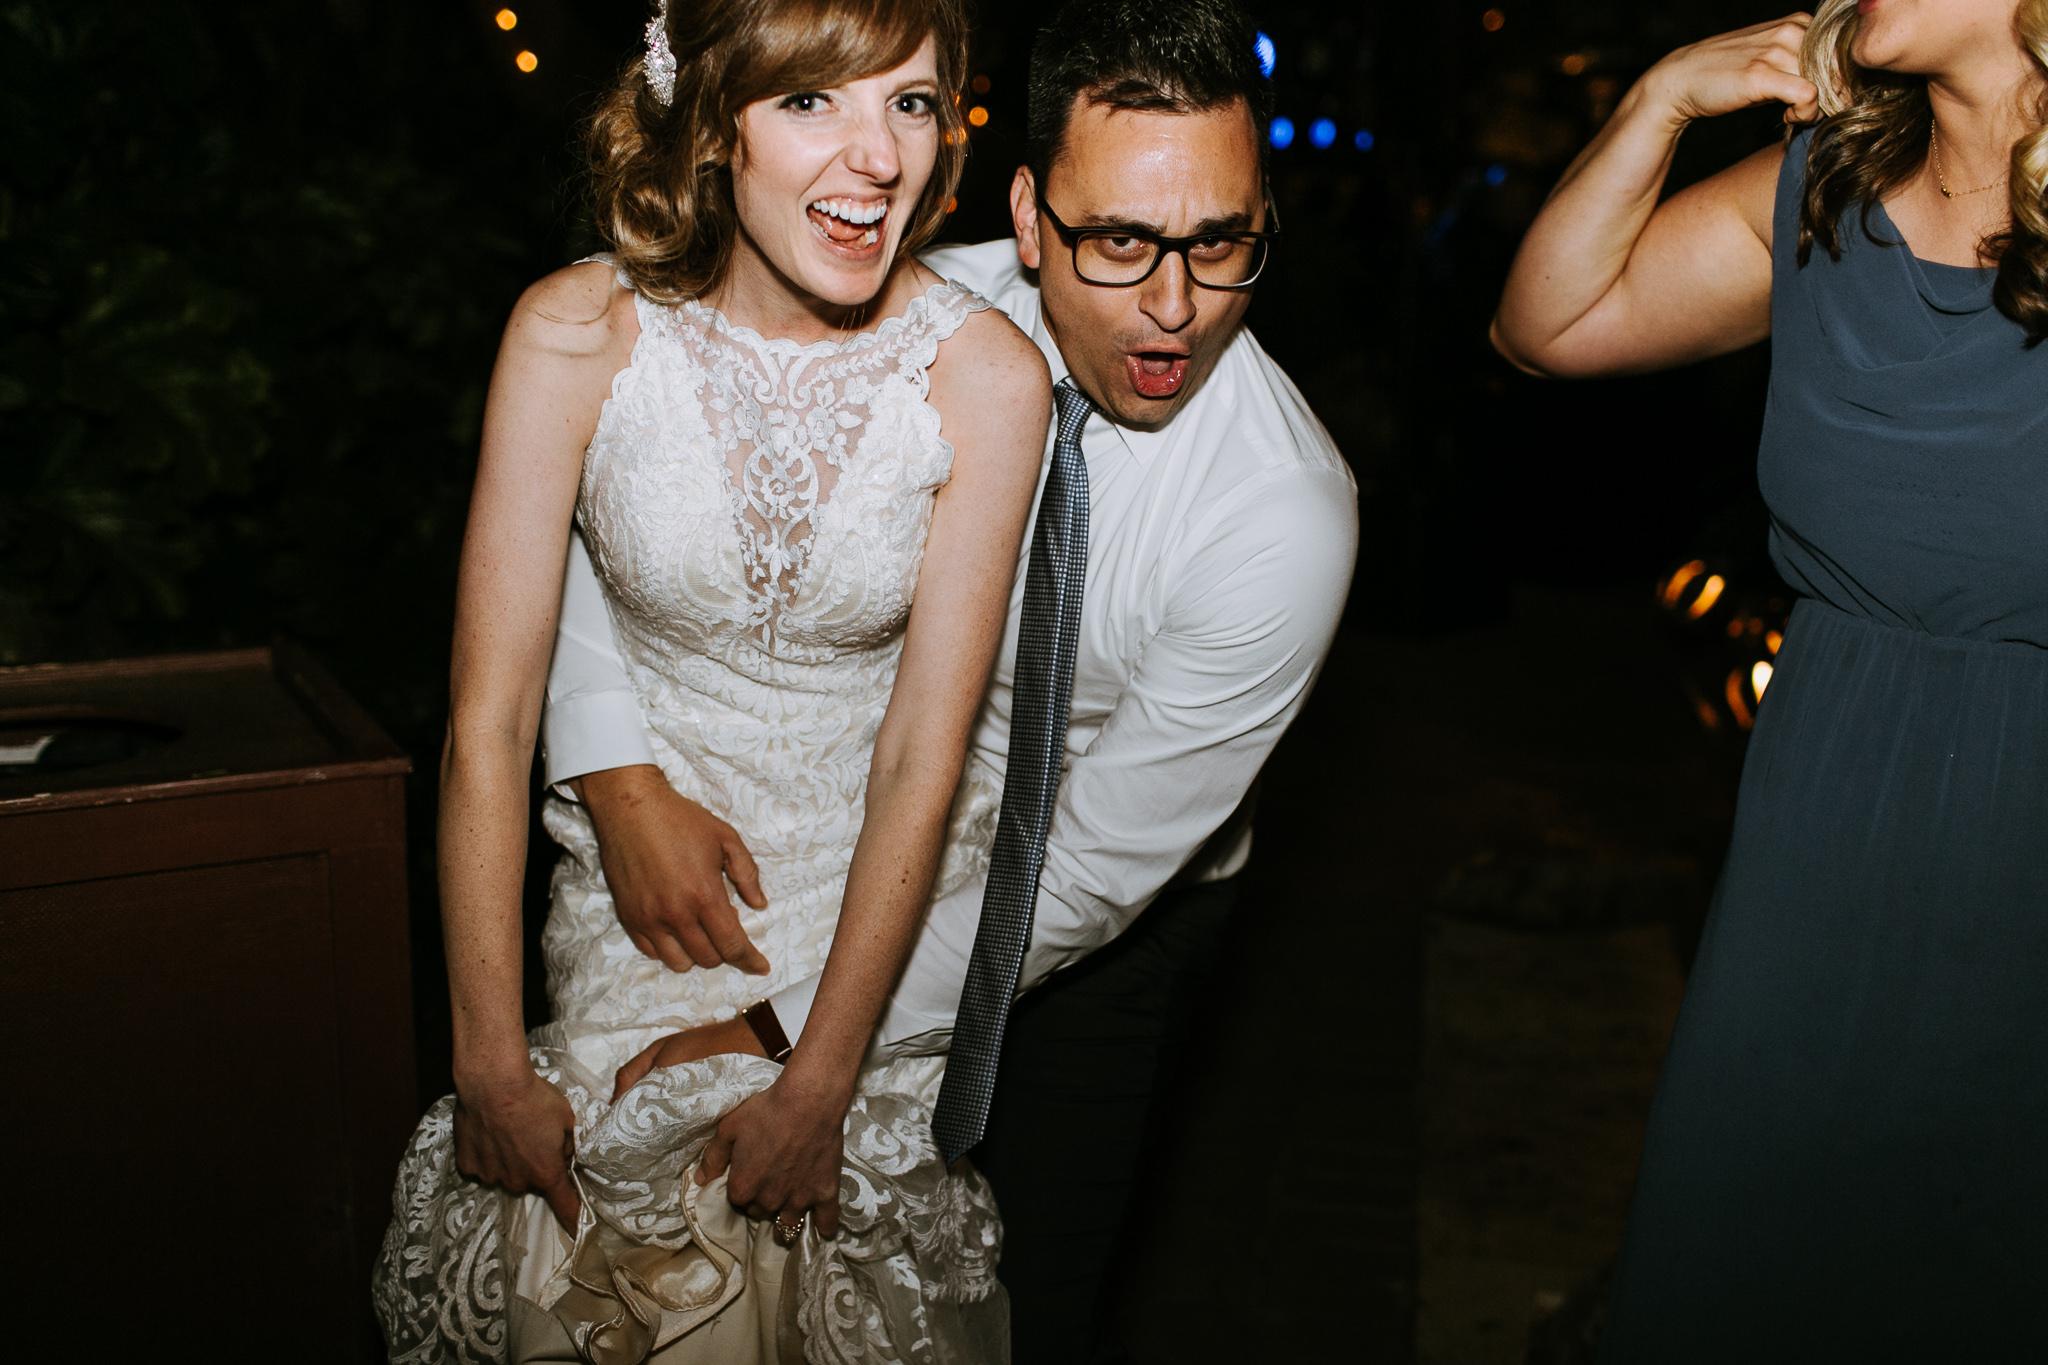 BayArea-Wedding-Photographer-60.jpg